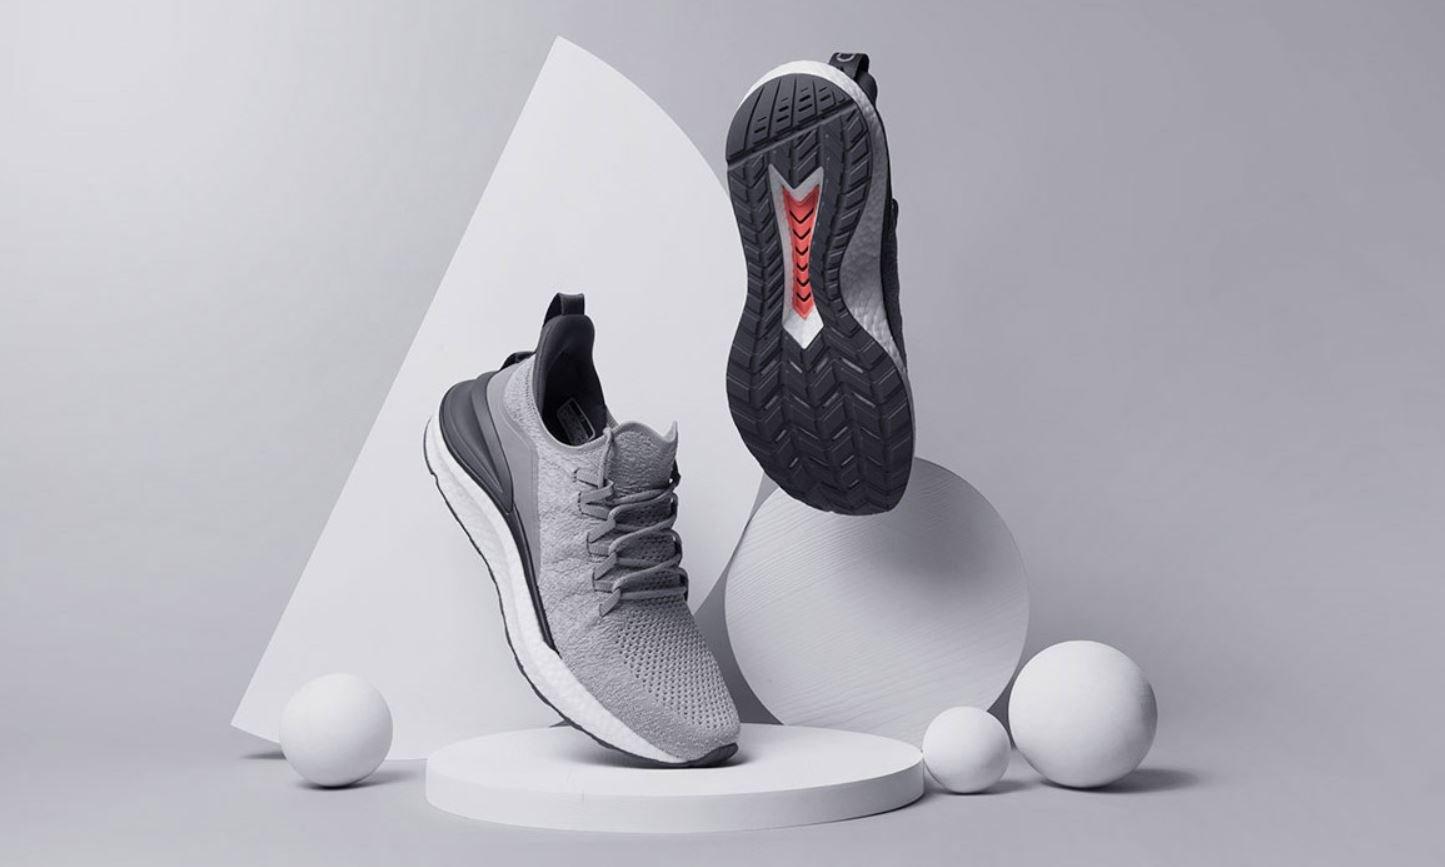 Las zapatillas Xiaomi Mijia Sneakers 4 pueden ser tuyas ahora por solo 30 euros. Noticias Xiaomi Adictos